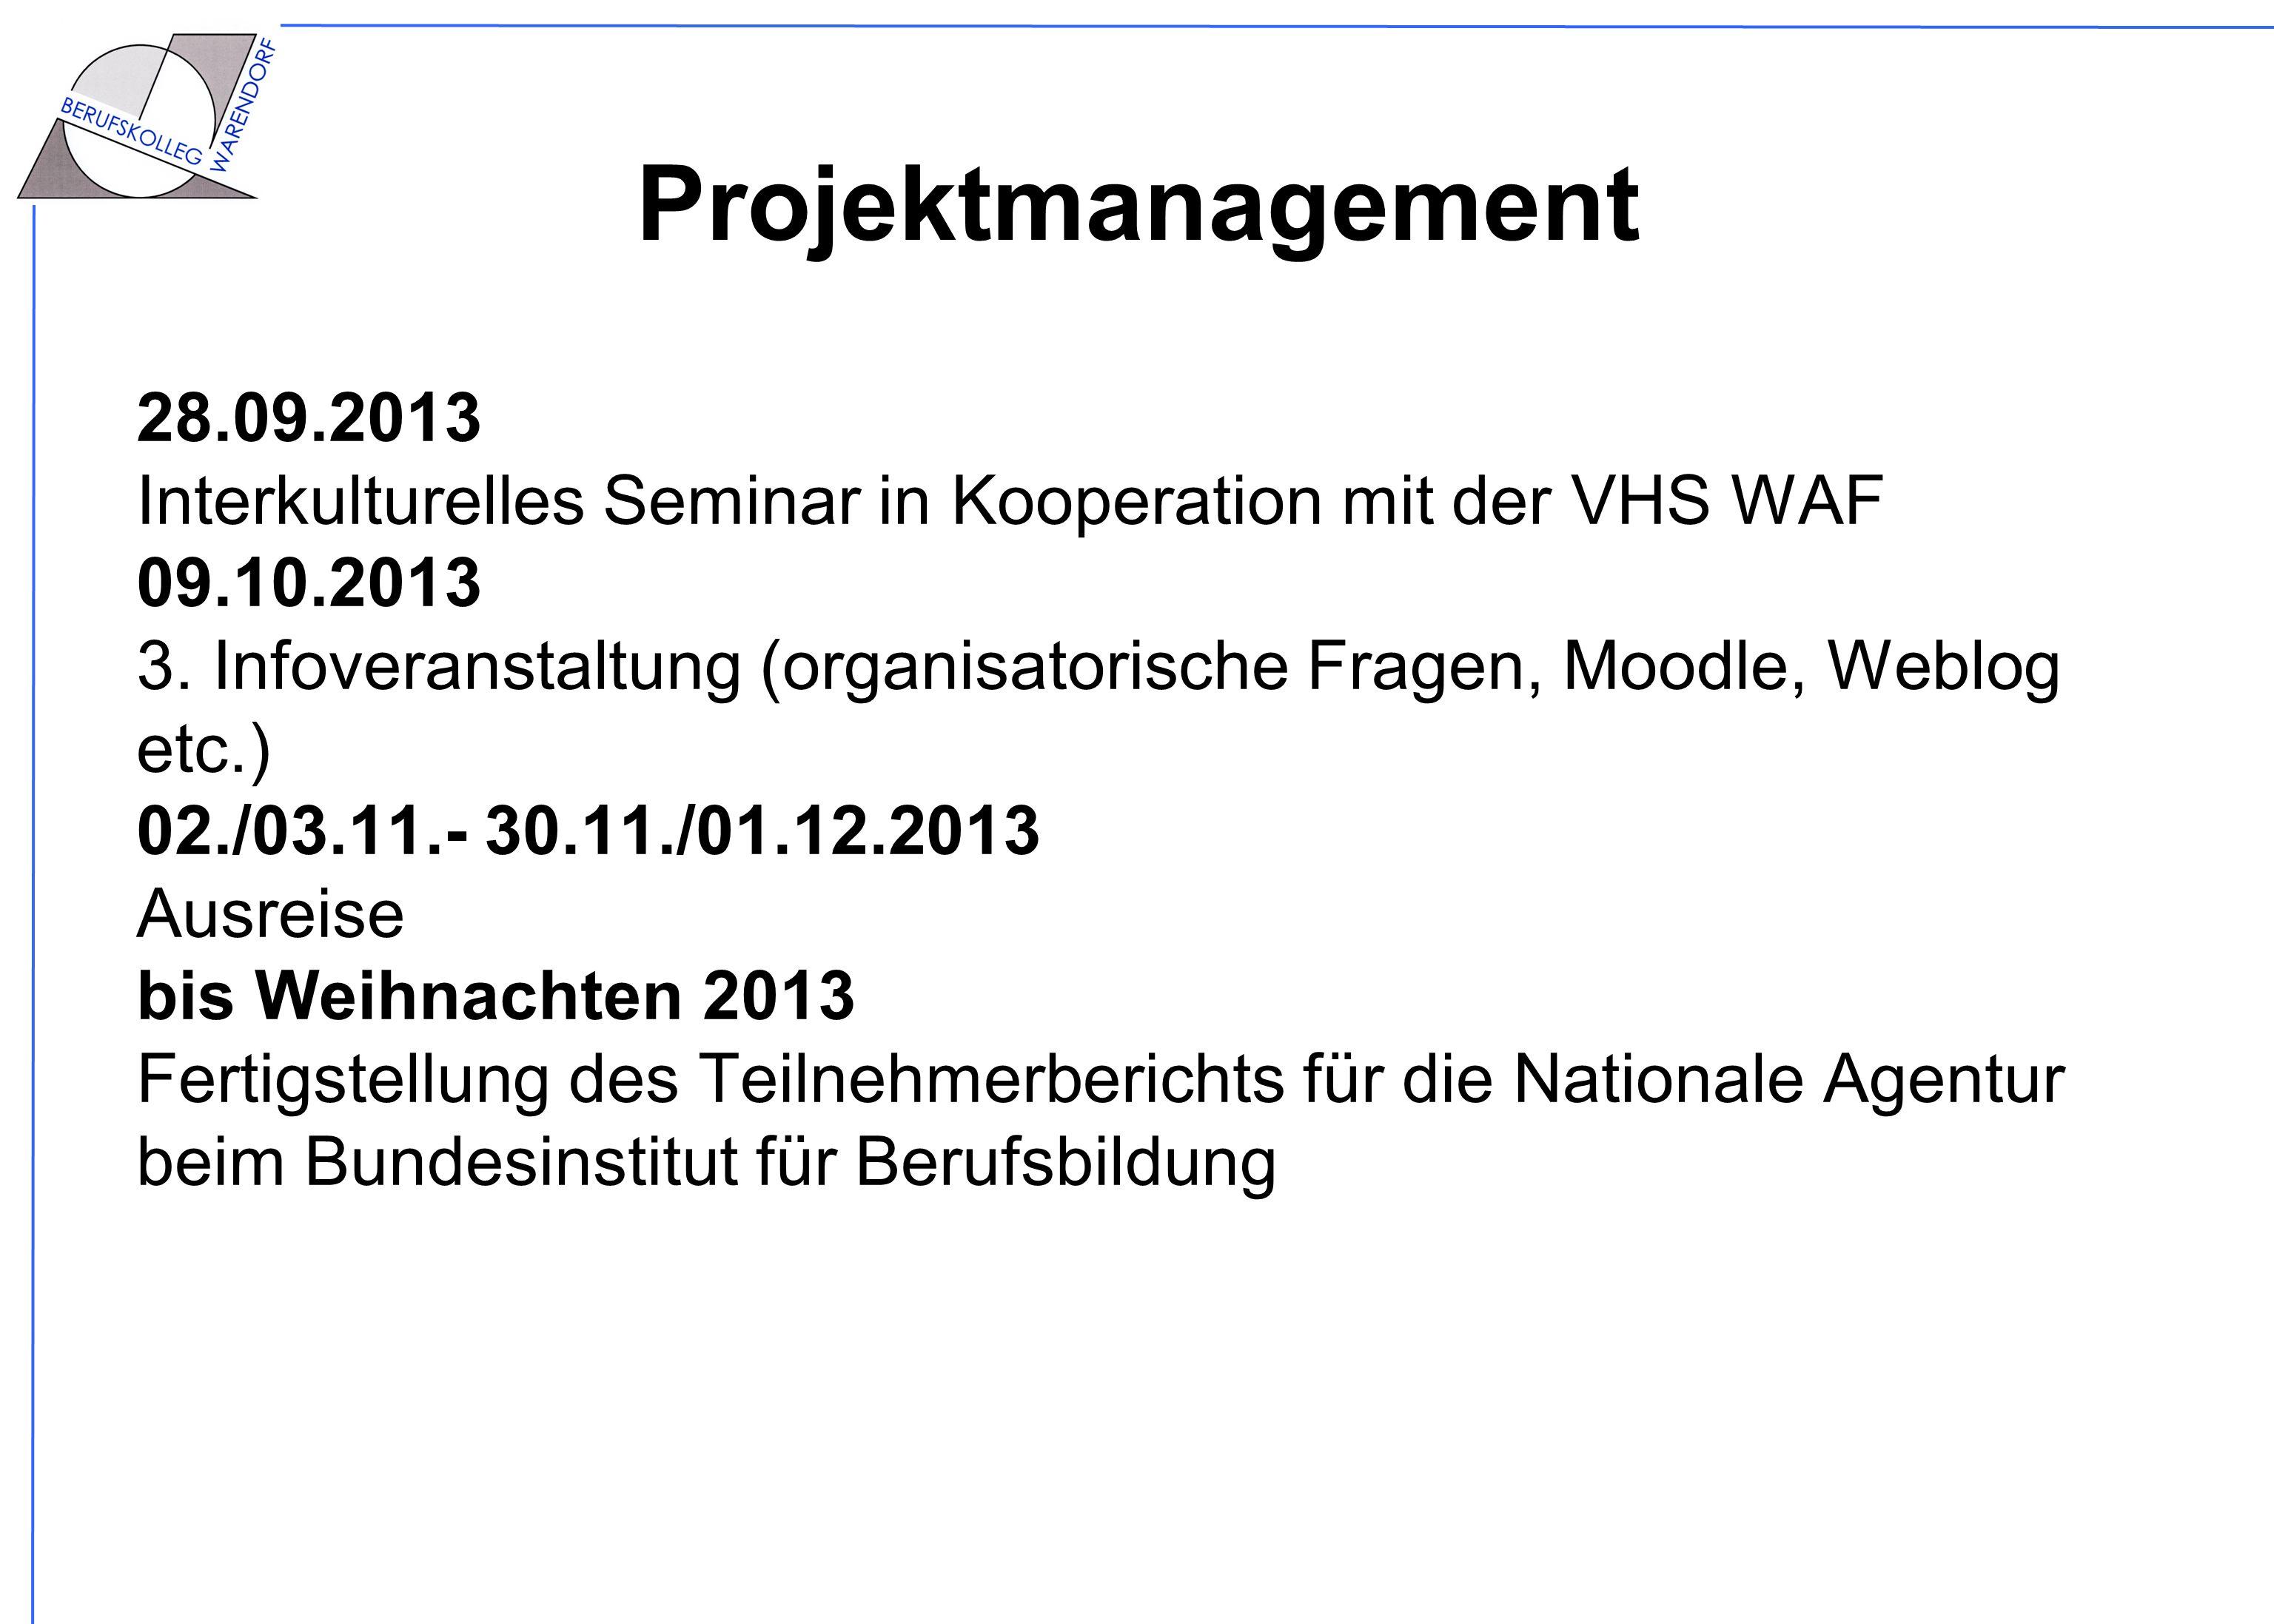 Projektmanagement 28.09.2013 Interkulturelles Seminar in Kooperation mit der VHS WAF 09.10.2013 3. Infoveranstaltung (organisatorische Fragen, Moodle,